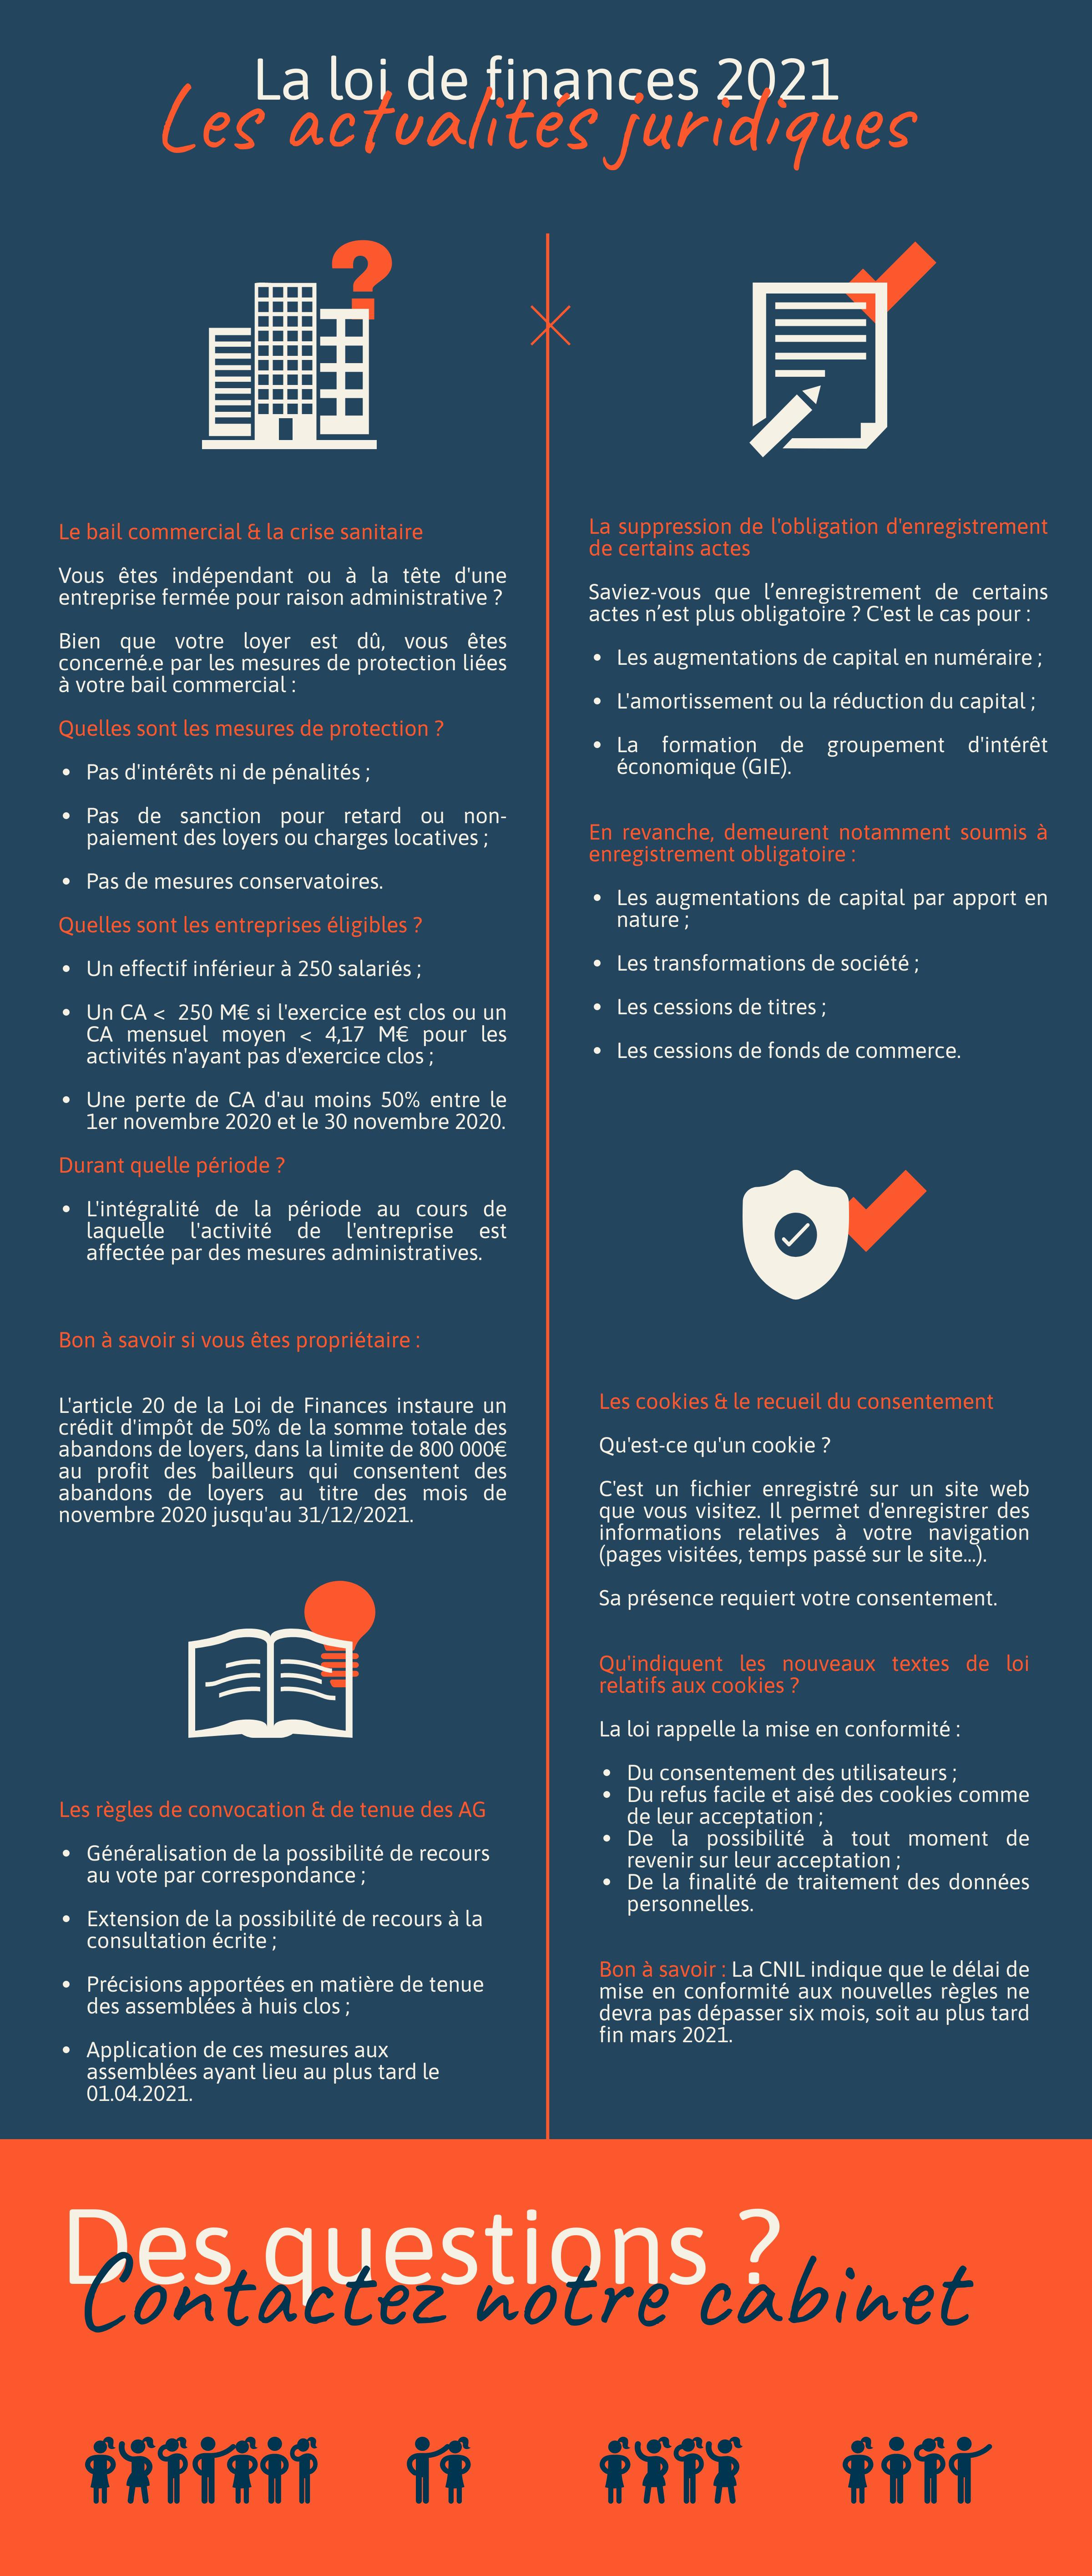 infographie Loi de finances 2021 - Les actualités juridiques